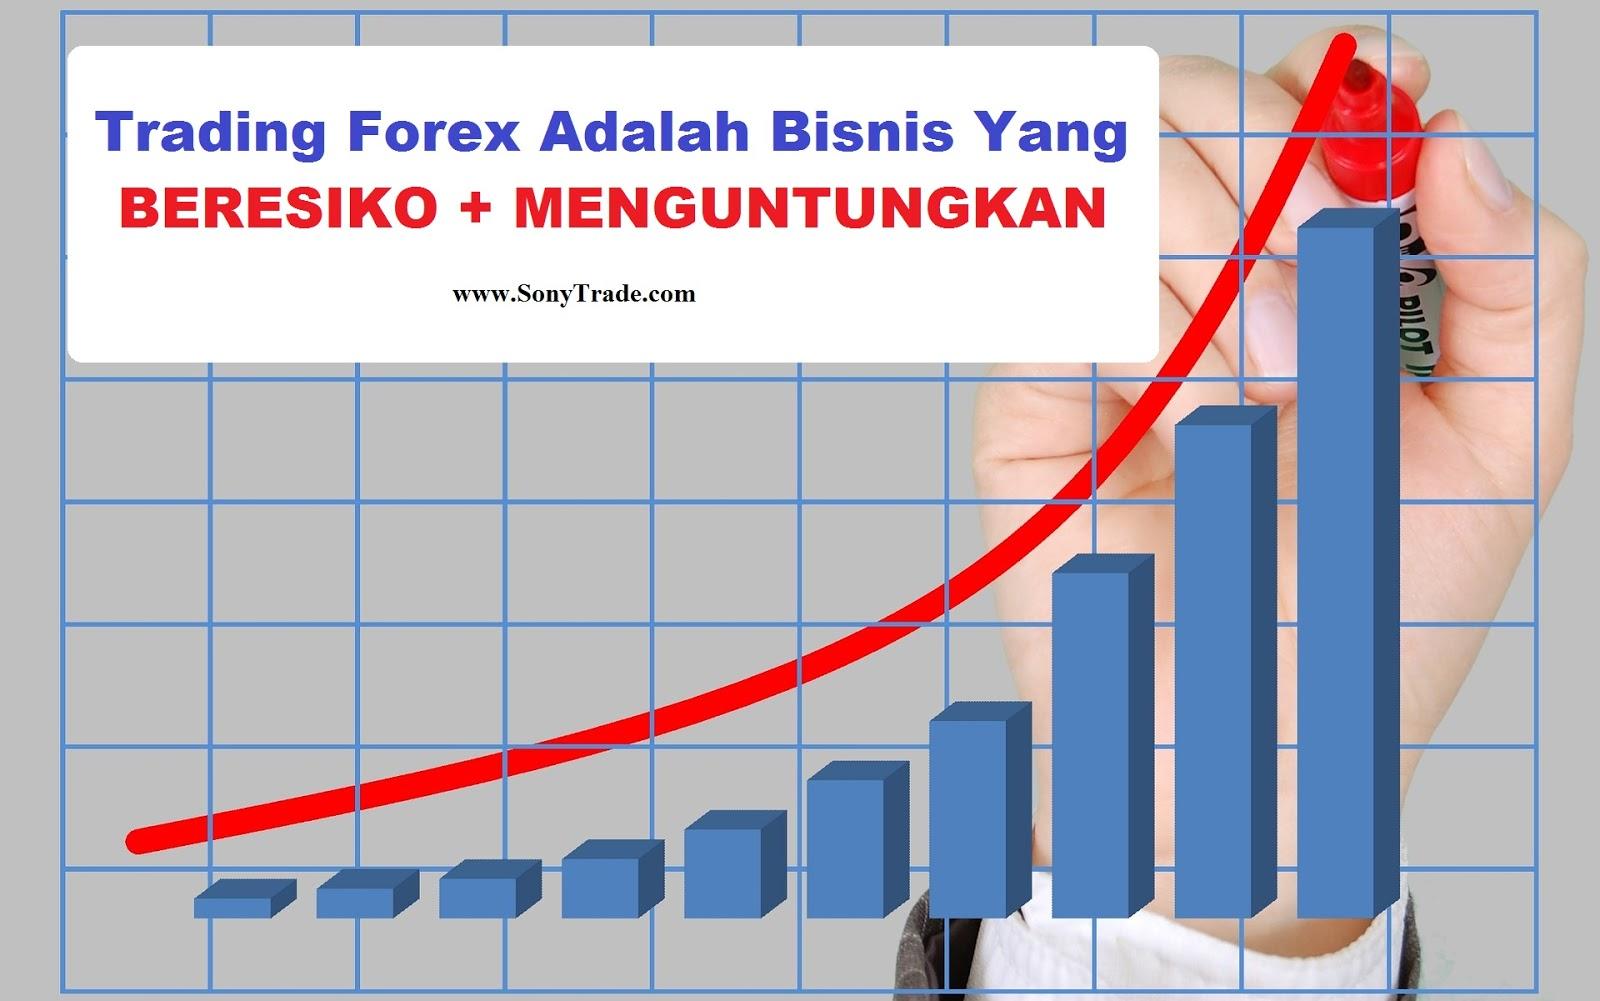 Trading Forex Adalah Bisnis Yang Beresiko Sekaligus ...